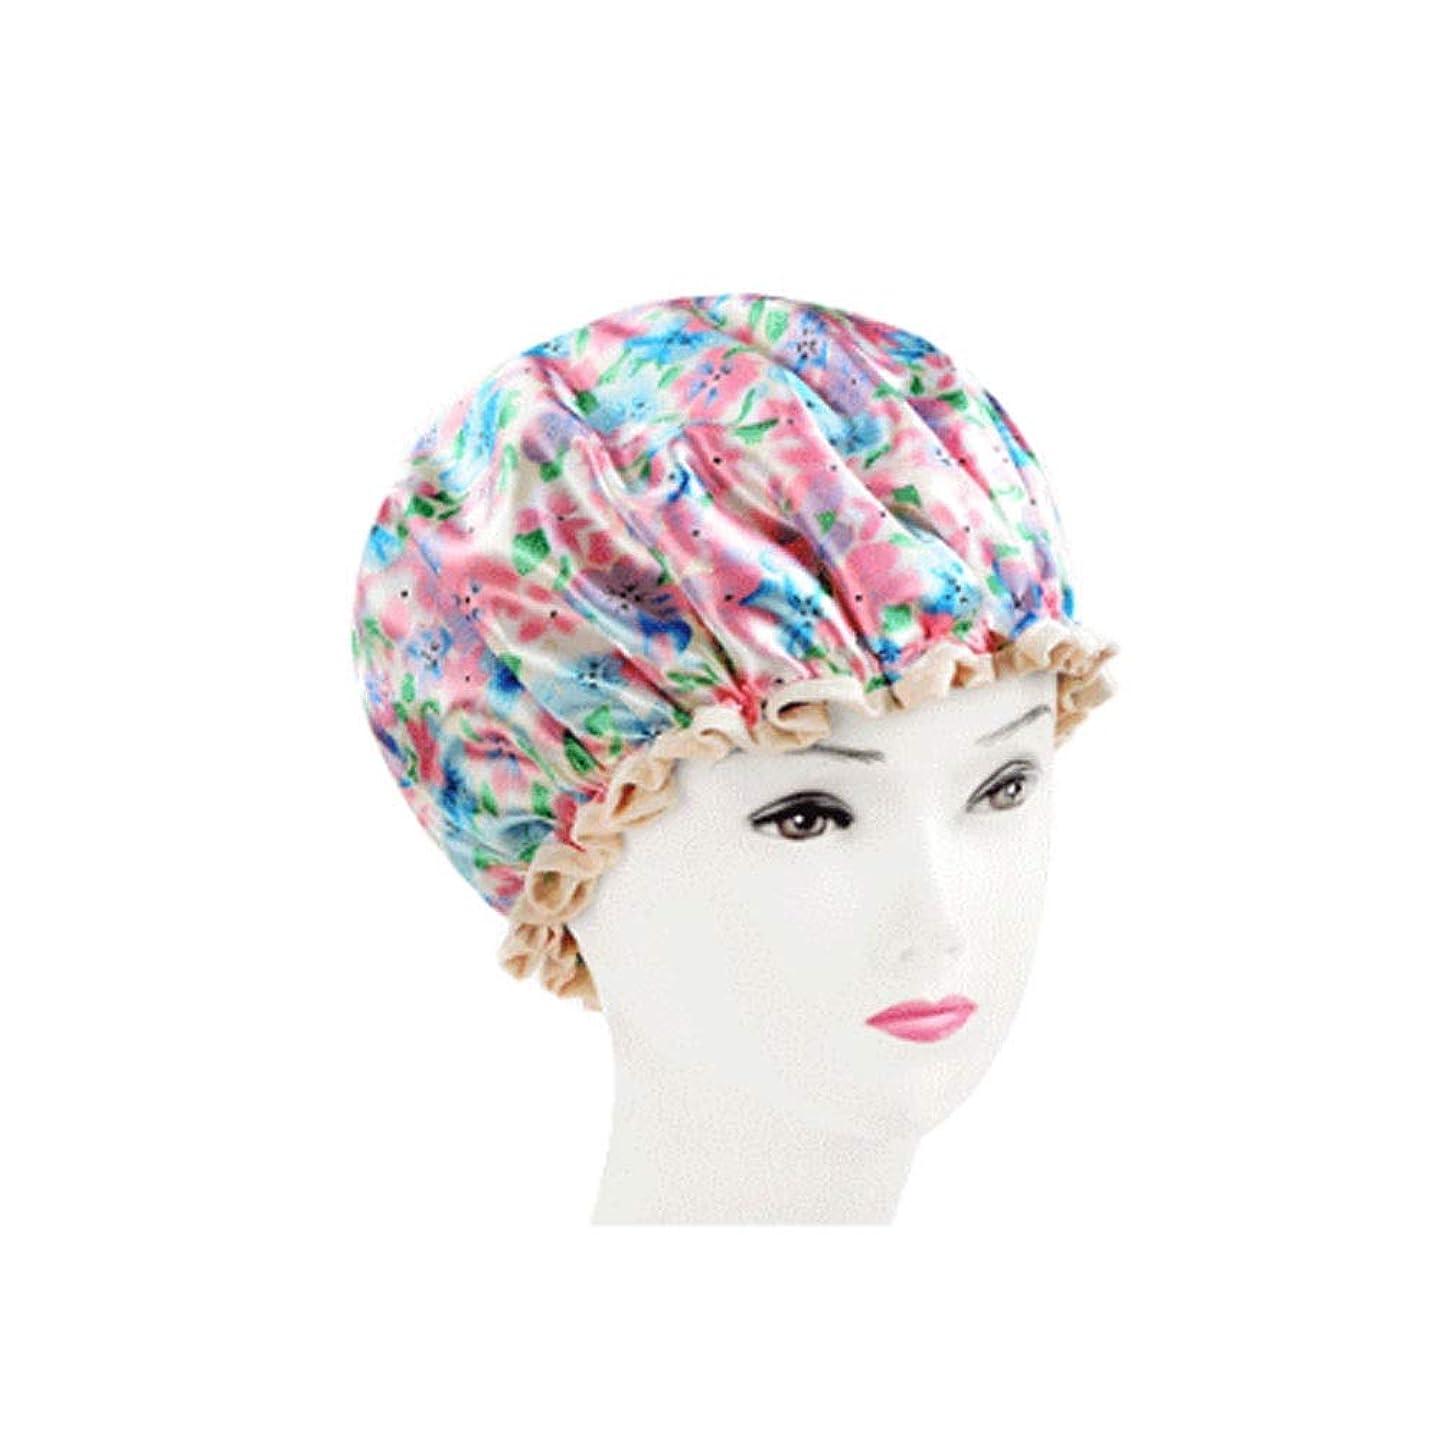 入学する十年政治シャワーキャップ、レディースシャワーキャップレディース用のすべての髪の長さと太さのデラックスシャワーキャップ - 防水とカビ防止、再利用可能なシャワーキャップ。 (Color : Pink)